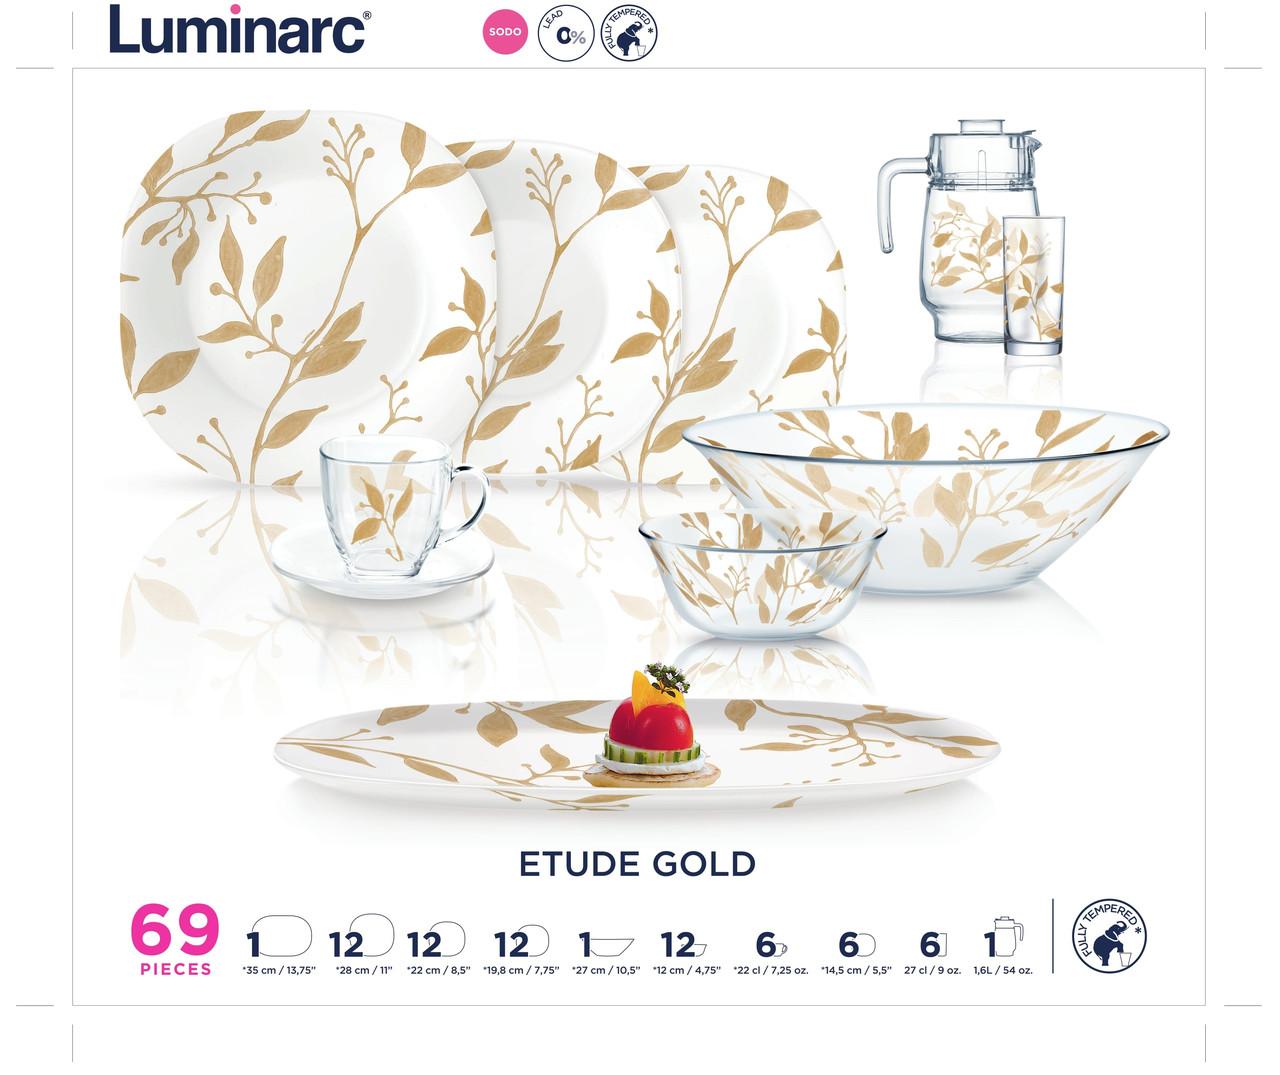 Столовый сервиз Luminarc ETUDE GOLD 69пр. на 12персон